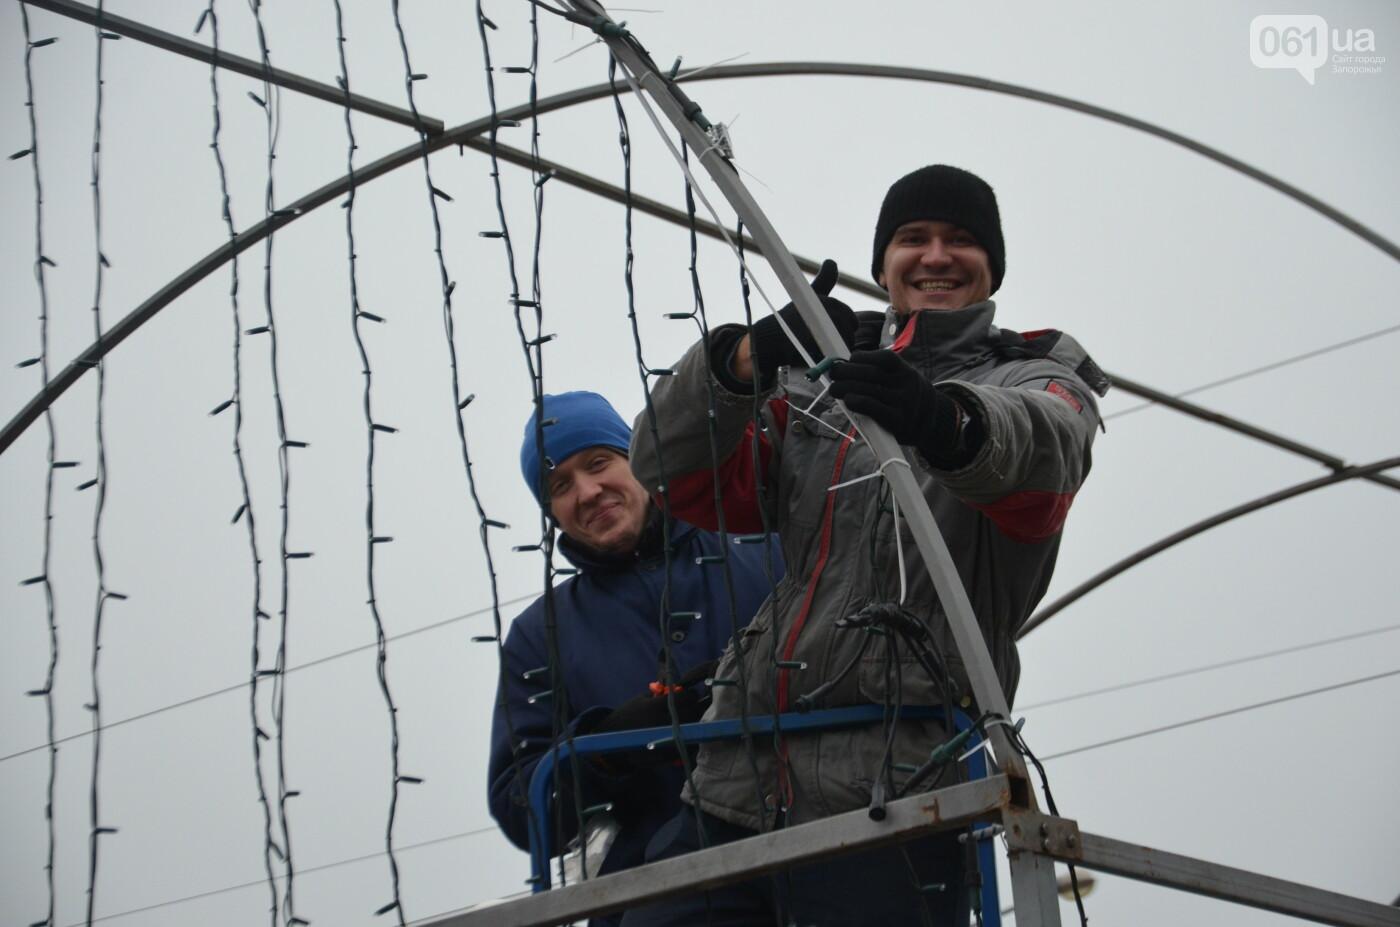 В Запорожье на бульваре Шевченко начали монтировать новогодний городок на БШ за 1,8 миллиона гривен, фото-13